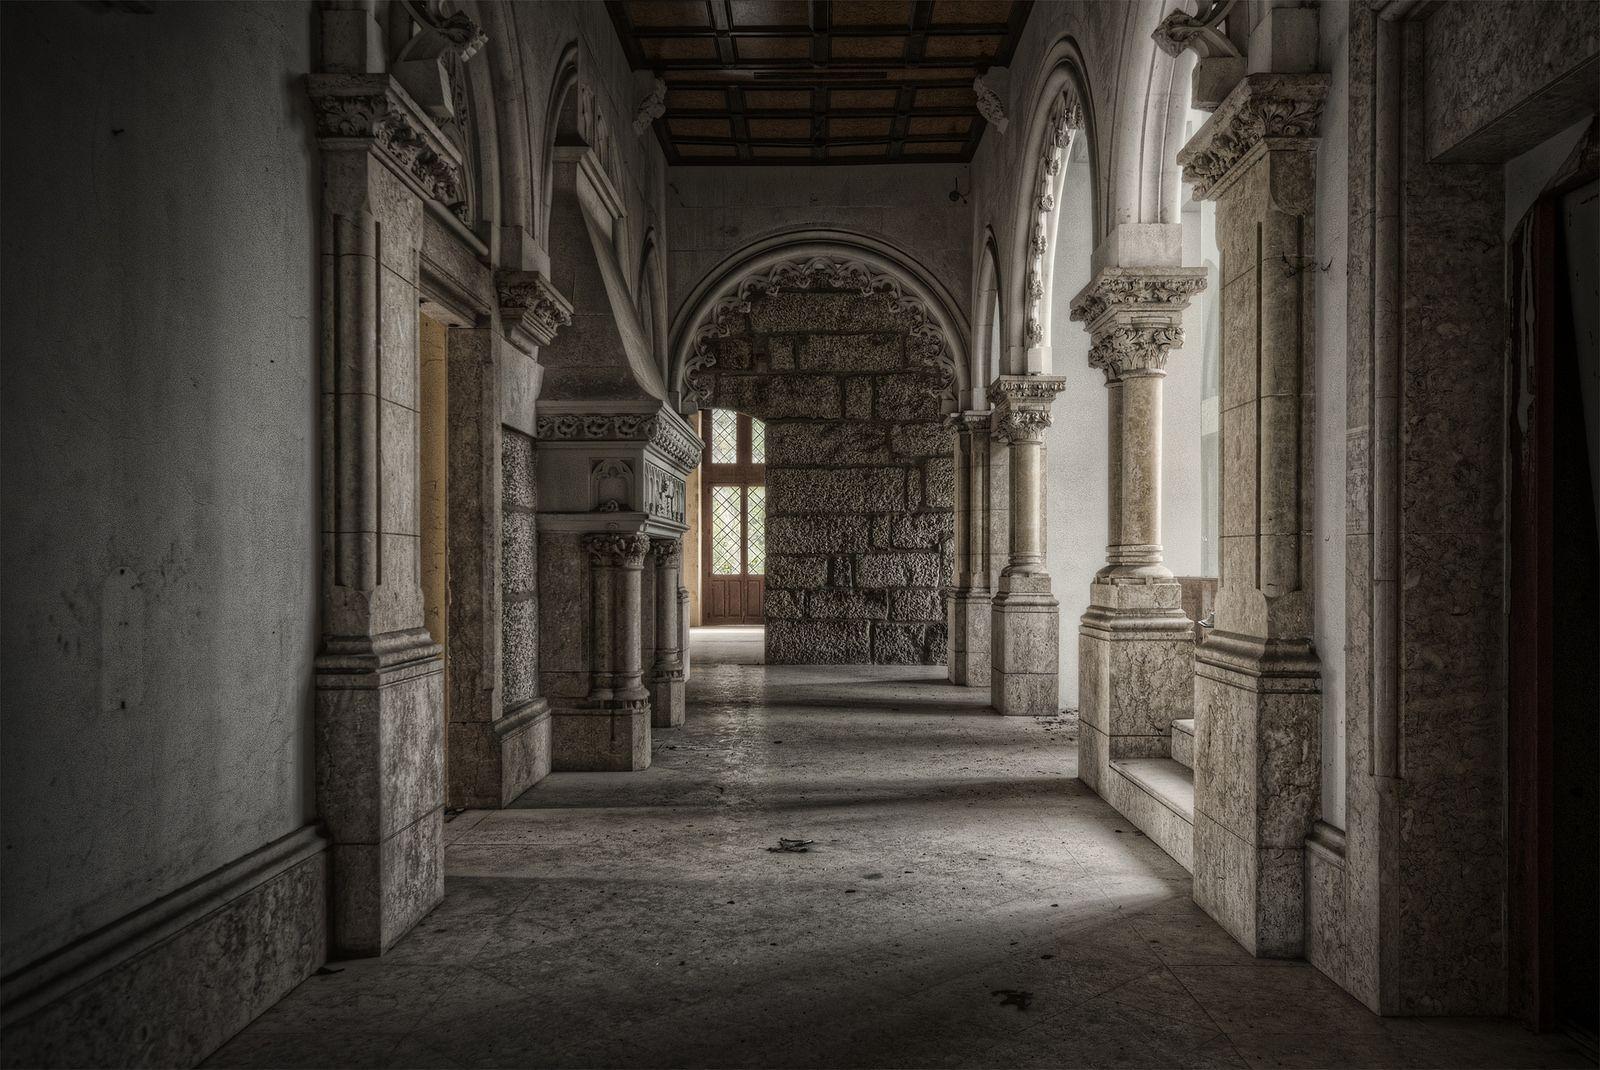 Castle in Portugal   The corridor